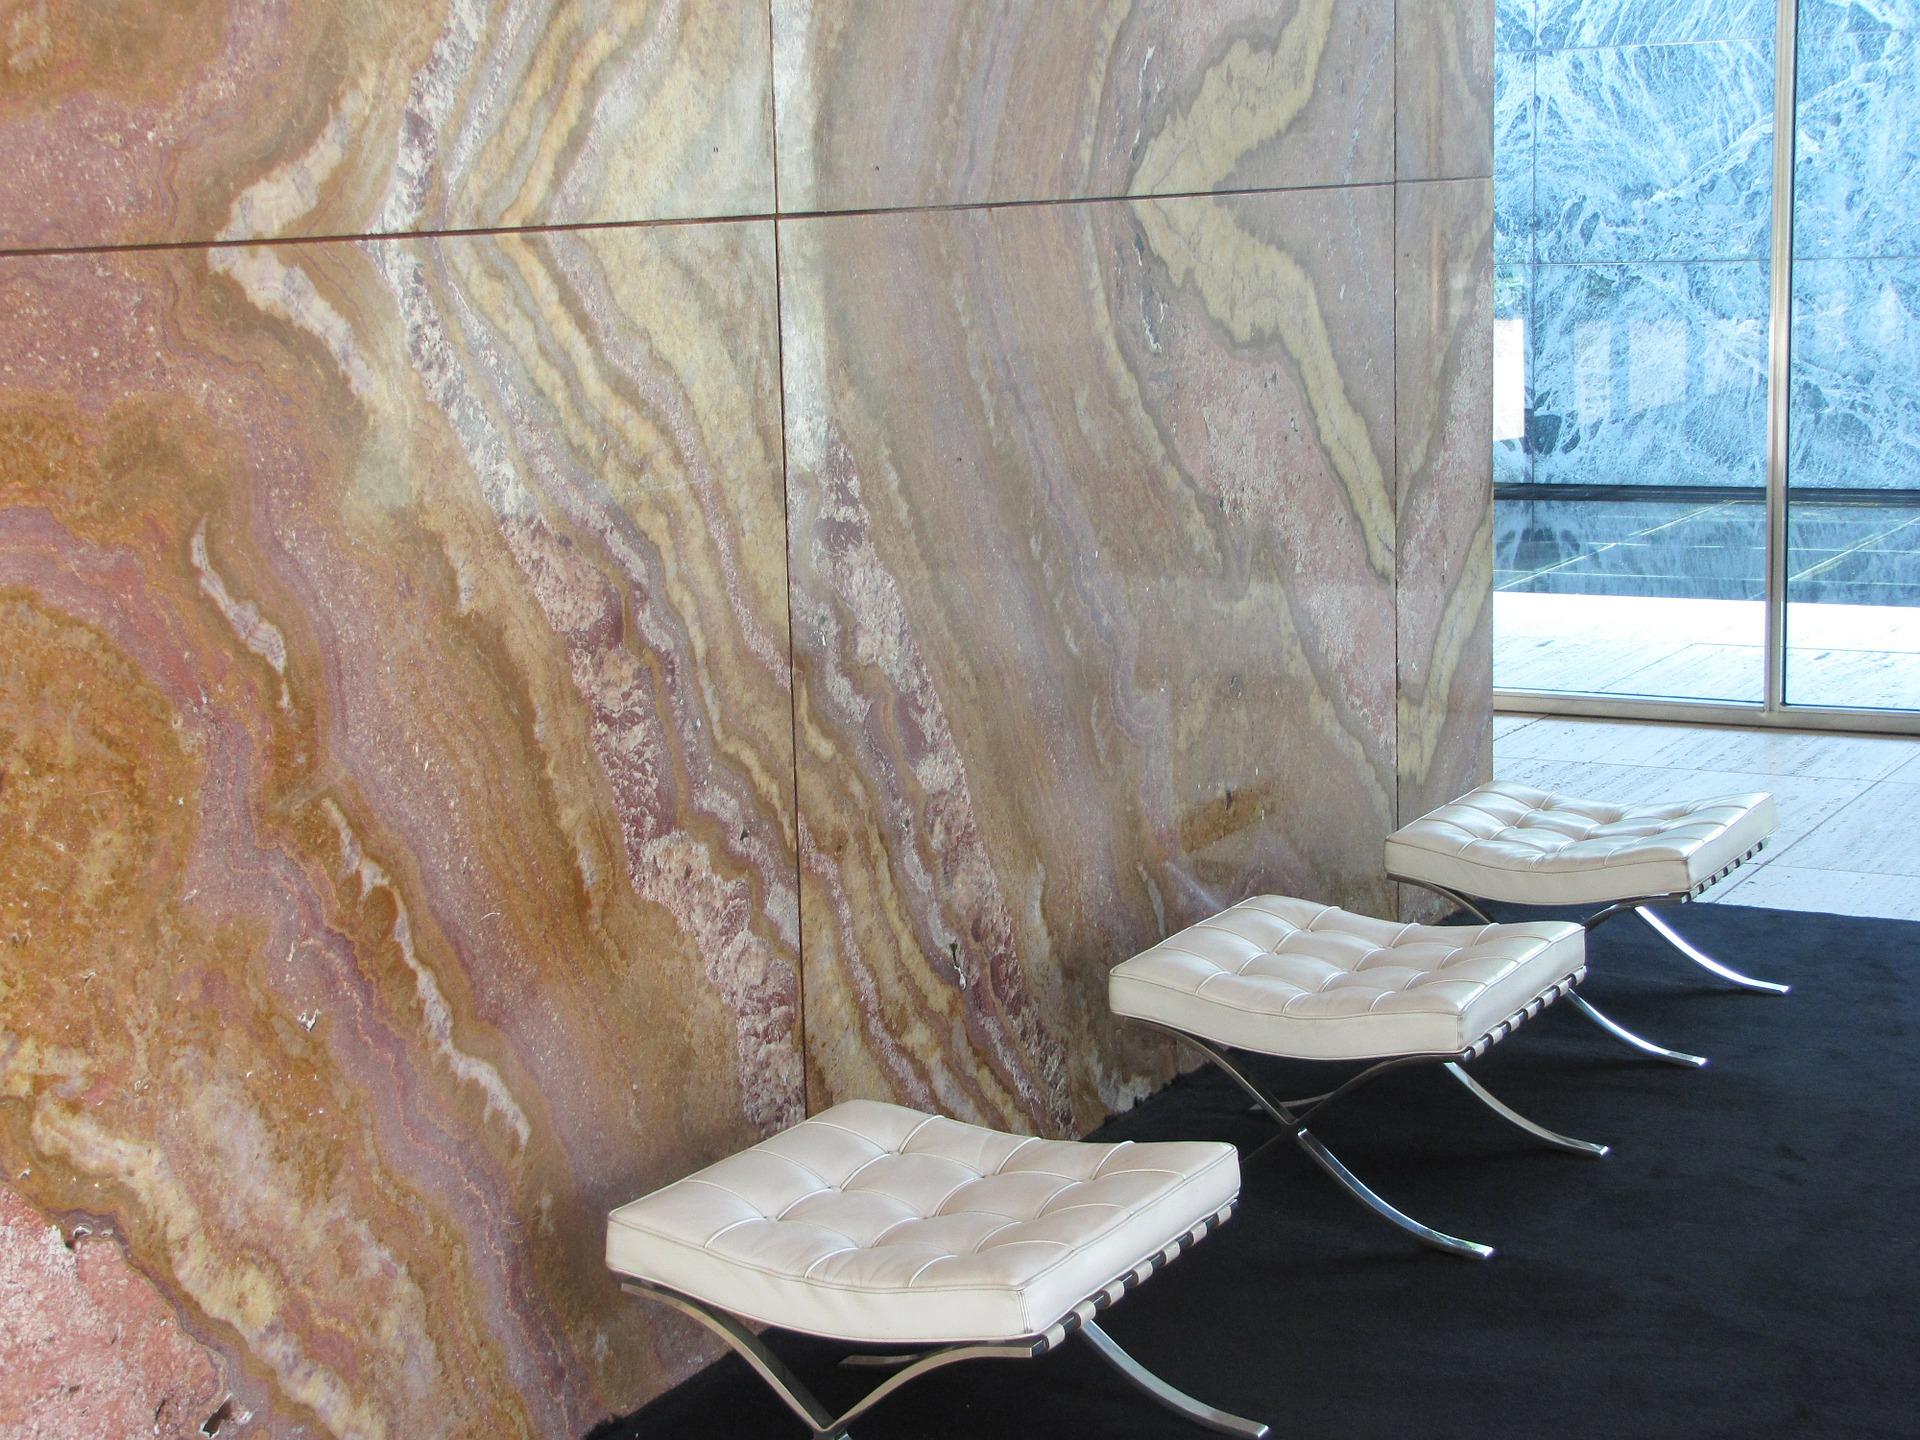 Limpieza de m rmol granito y compactos for Productos para limpiar marmol